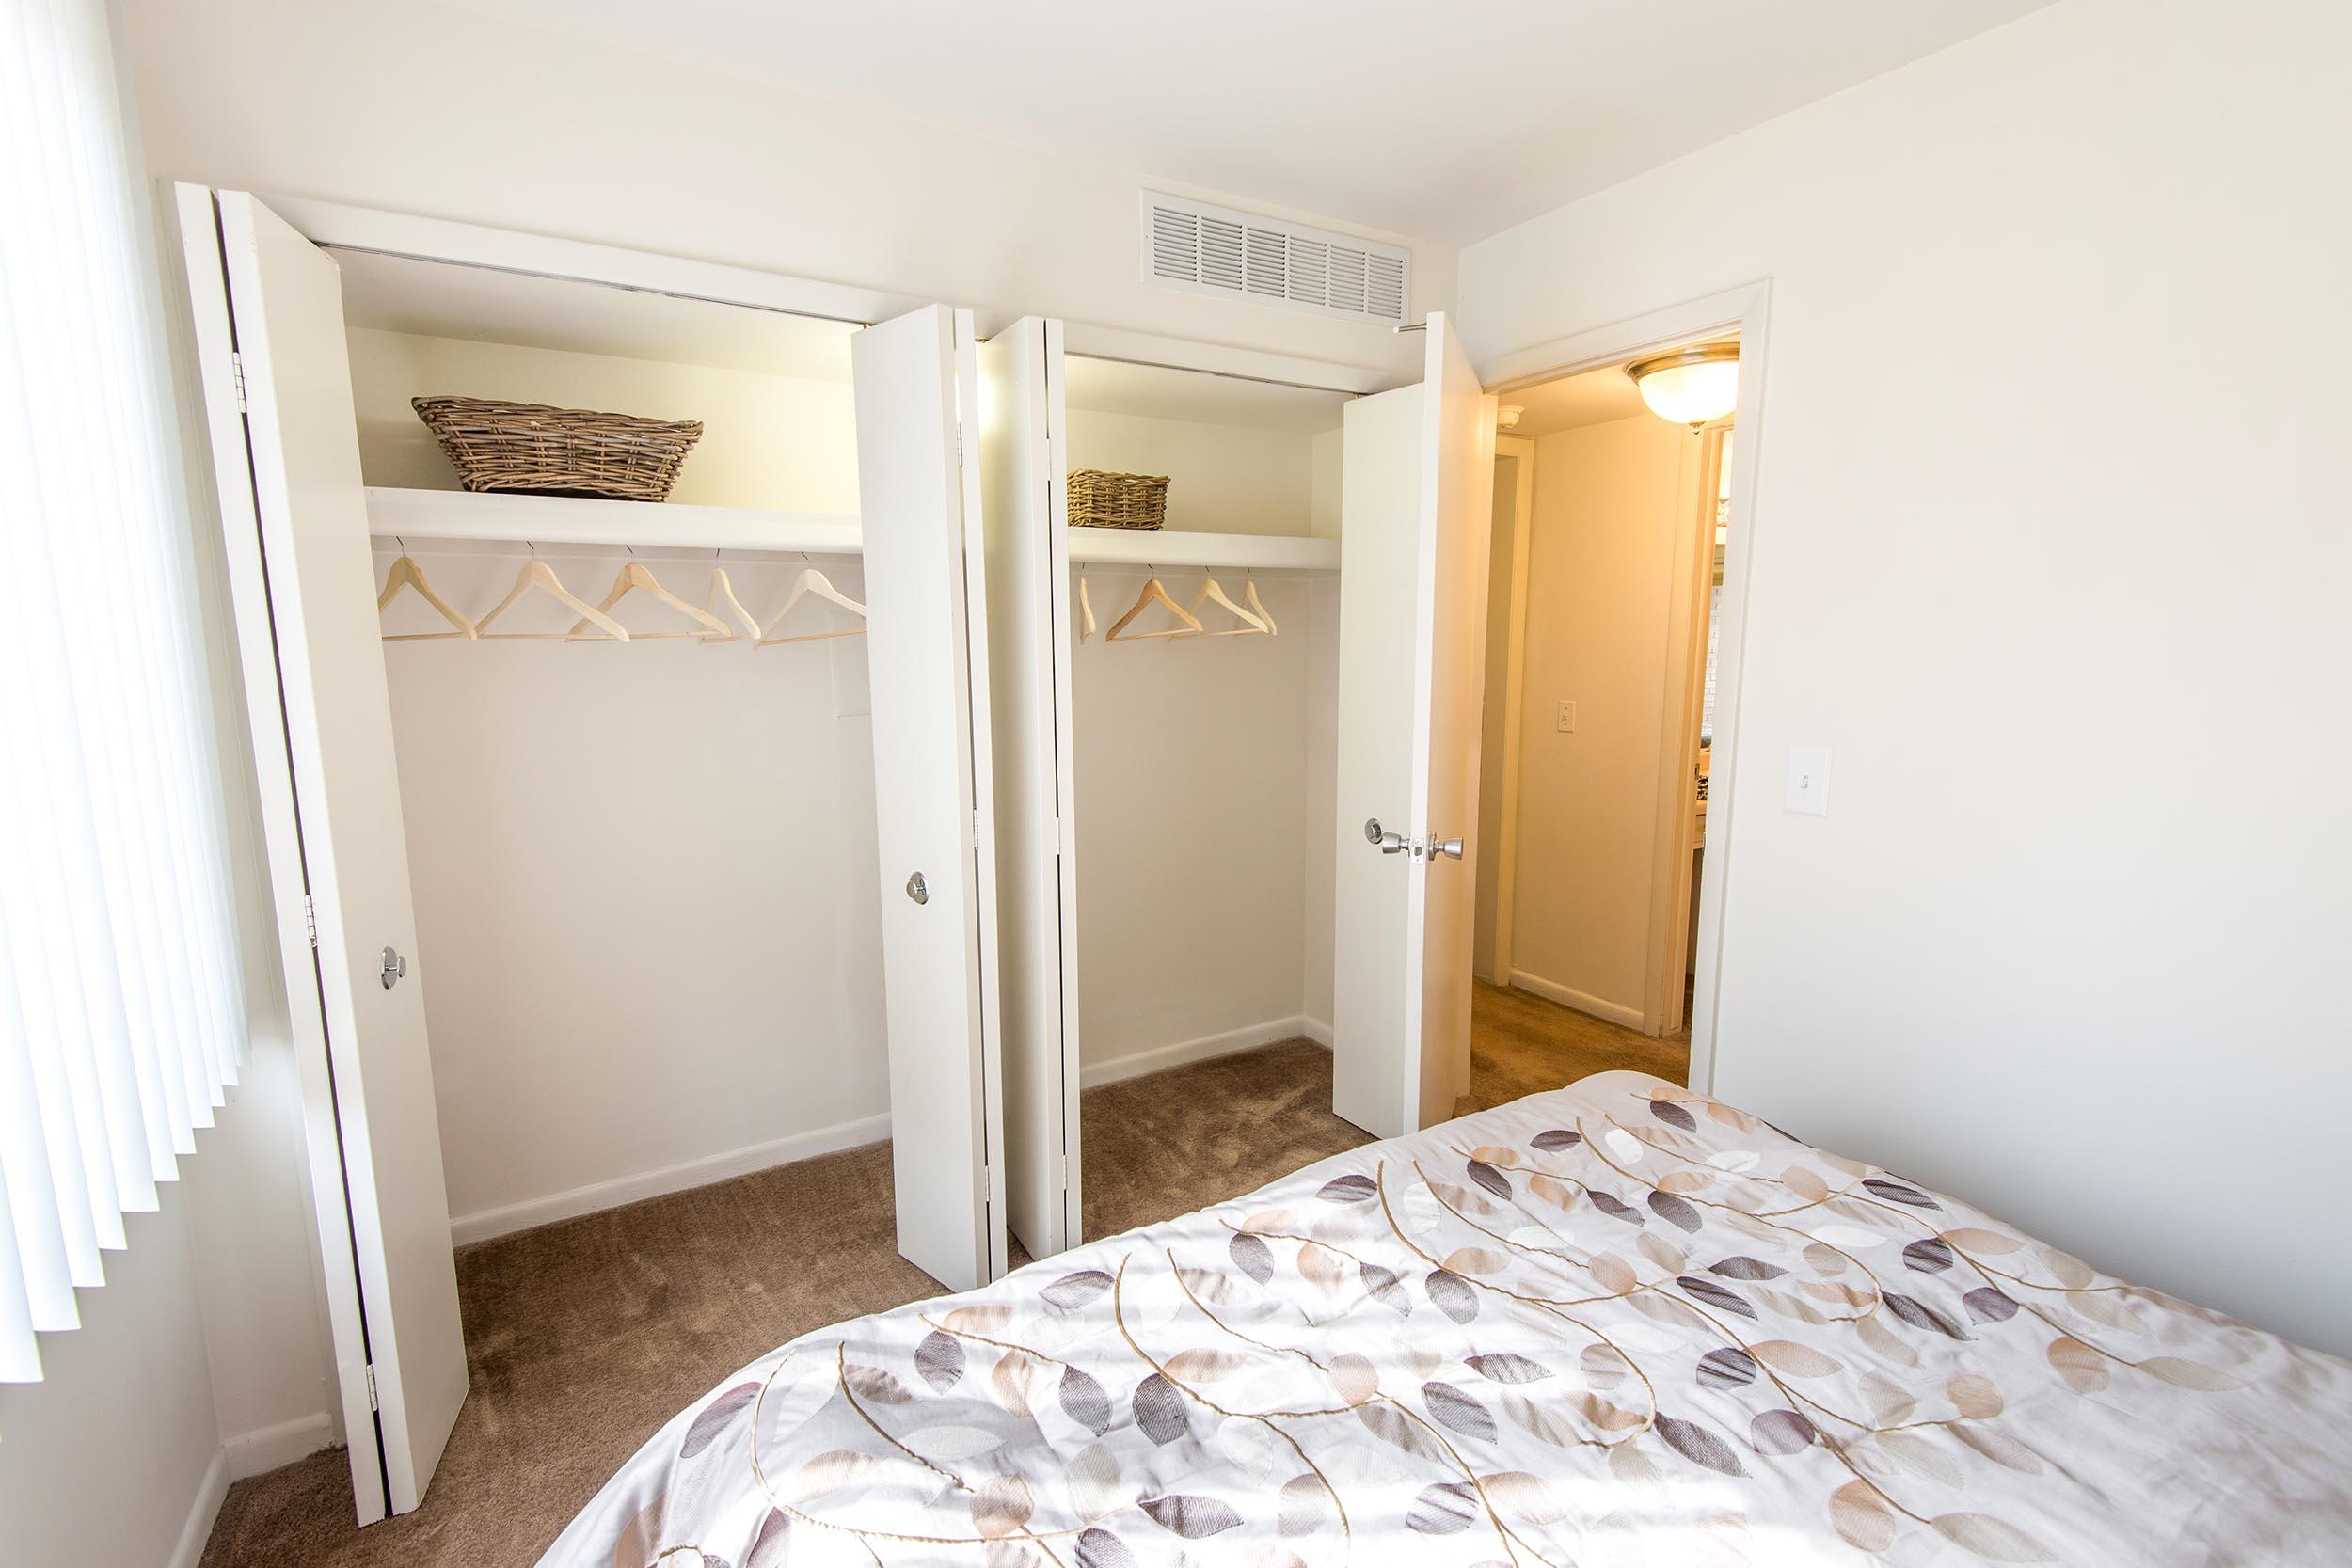 Tr-201000-20bedroom-20l-20closet-204-2